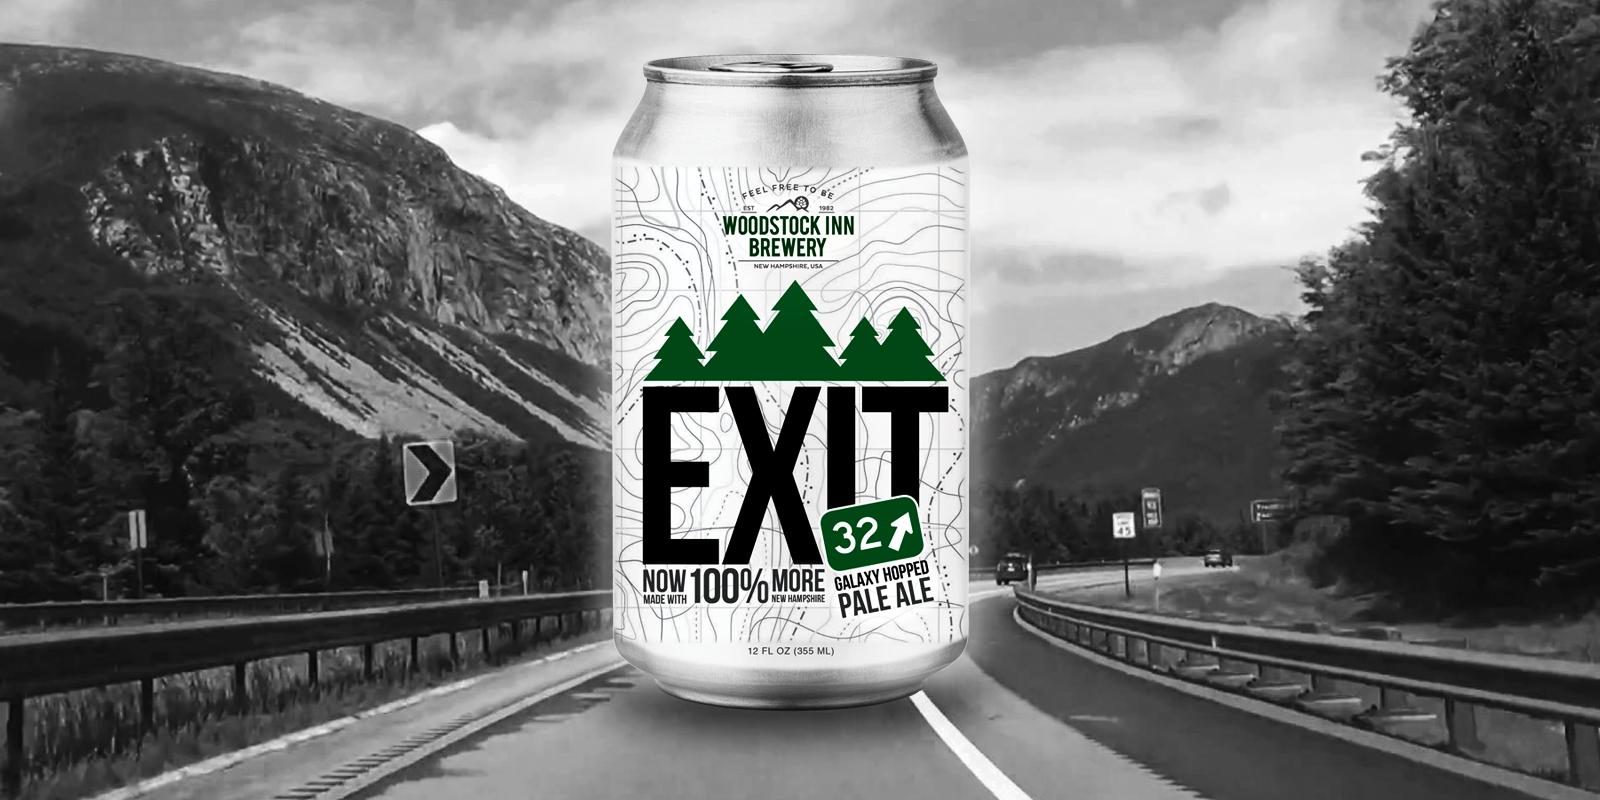 New beer: Exit 32